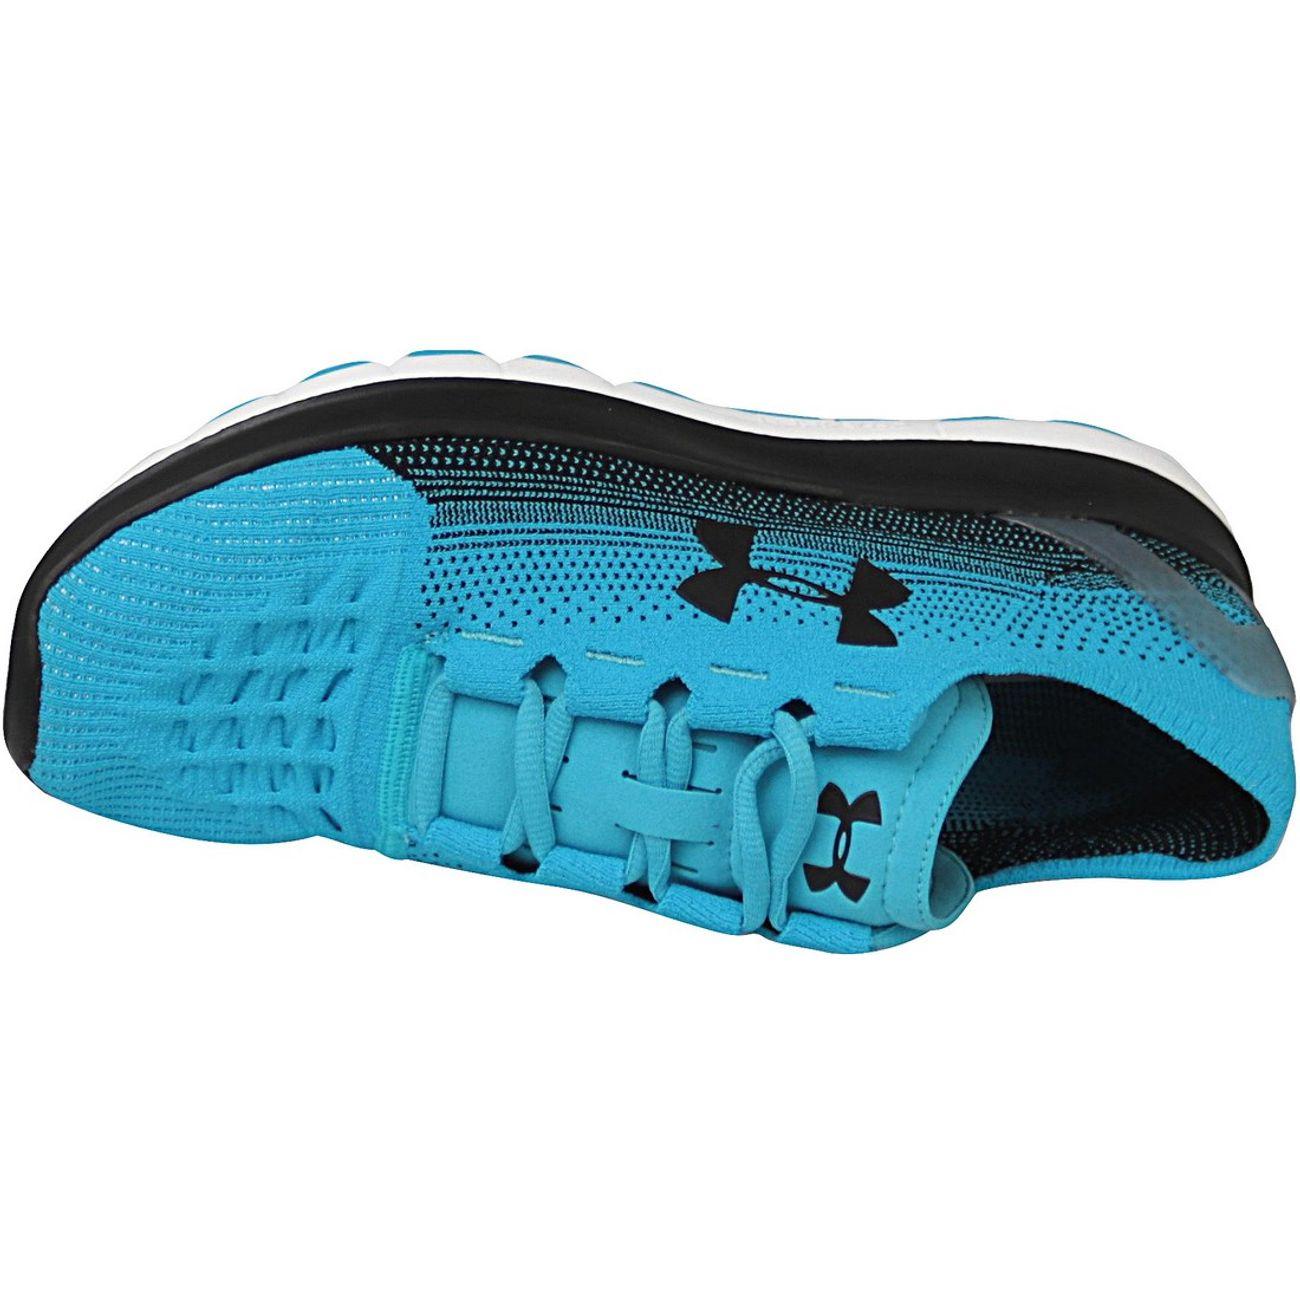 Running Slingride Chaussures Homme 987 Fade 1288254 De H Armour Speedform Ua bleu Noir Under TcF1JK53ul